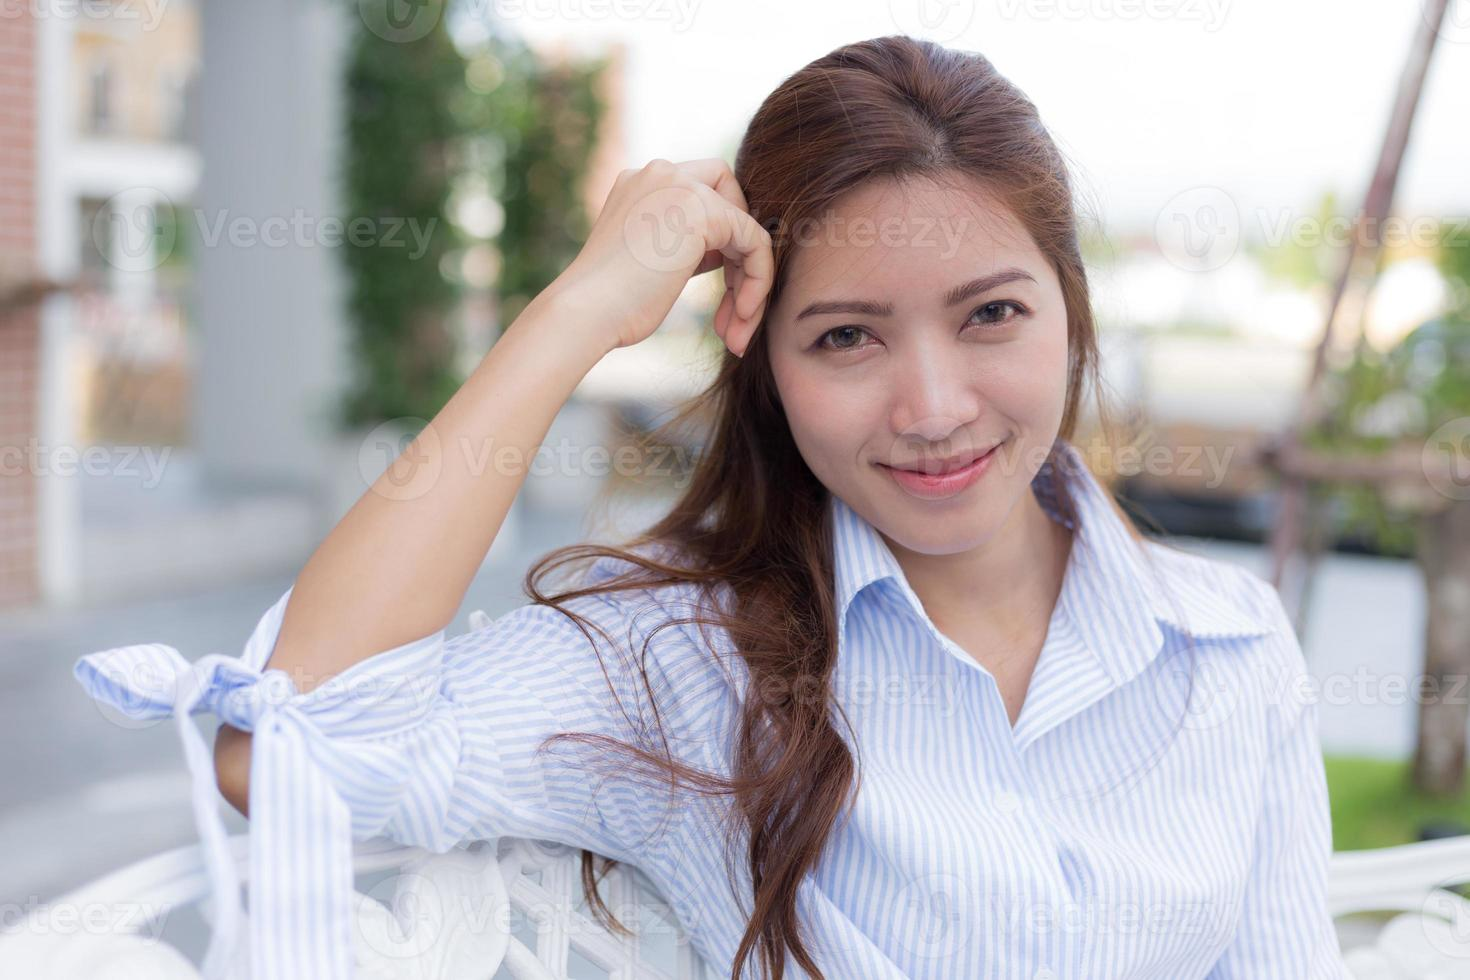 schönes asiatisches Frauenporträt foto